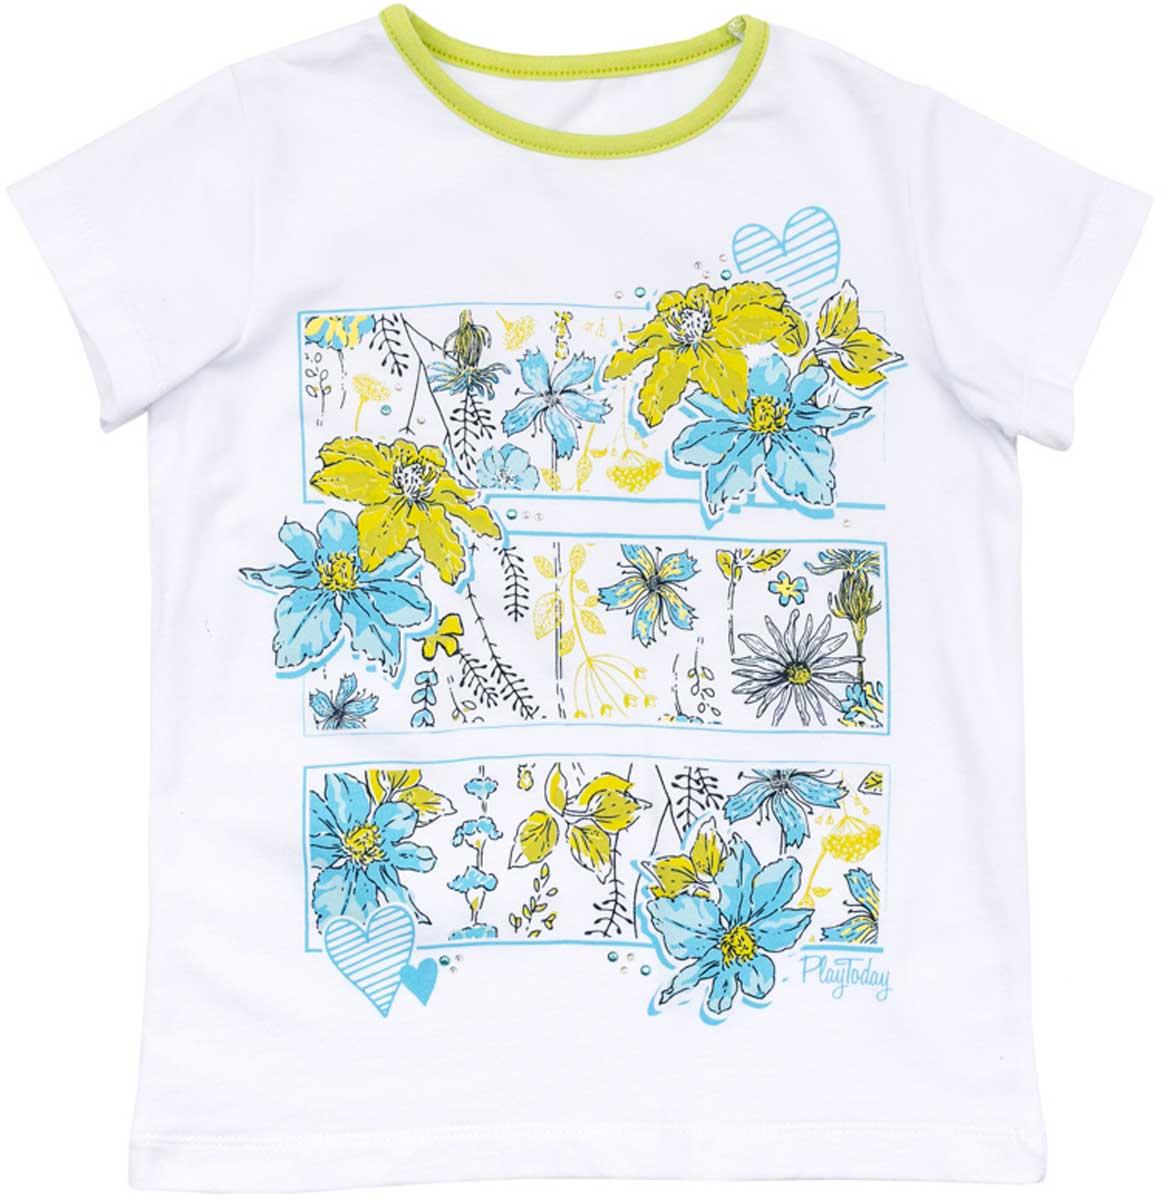 Футболка для девочки PlayToday, цвет: белый, голубой, желтый. 172114. Размер 104172114Футболка для девочки PlayToday свободного классического кроя прекрасно подойдет как для домашнего использования, так и для прогулок на свежем воздухе. Можно использовать в качестве базовой вещи повседневного гардероба вашего ребенка. Яркий стильный принт является достойным украшением данного изделия.